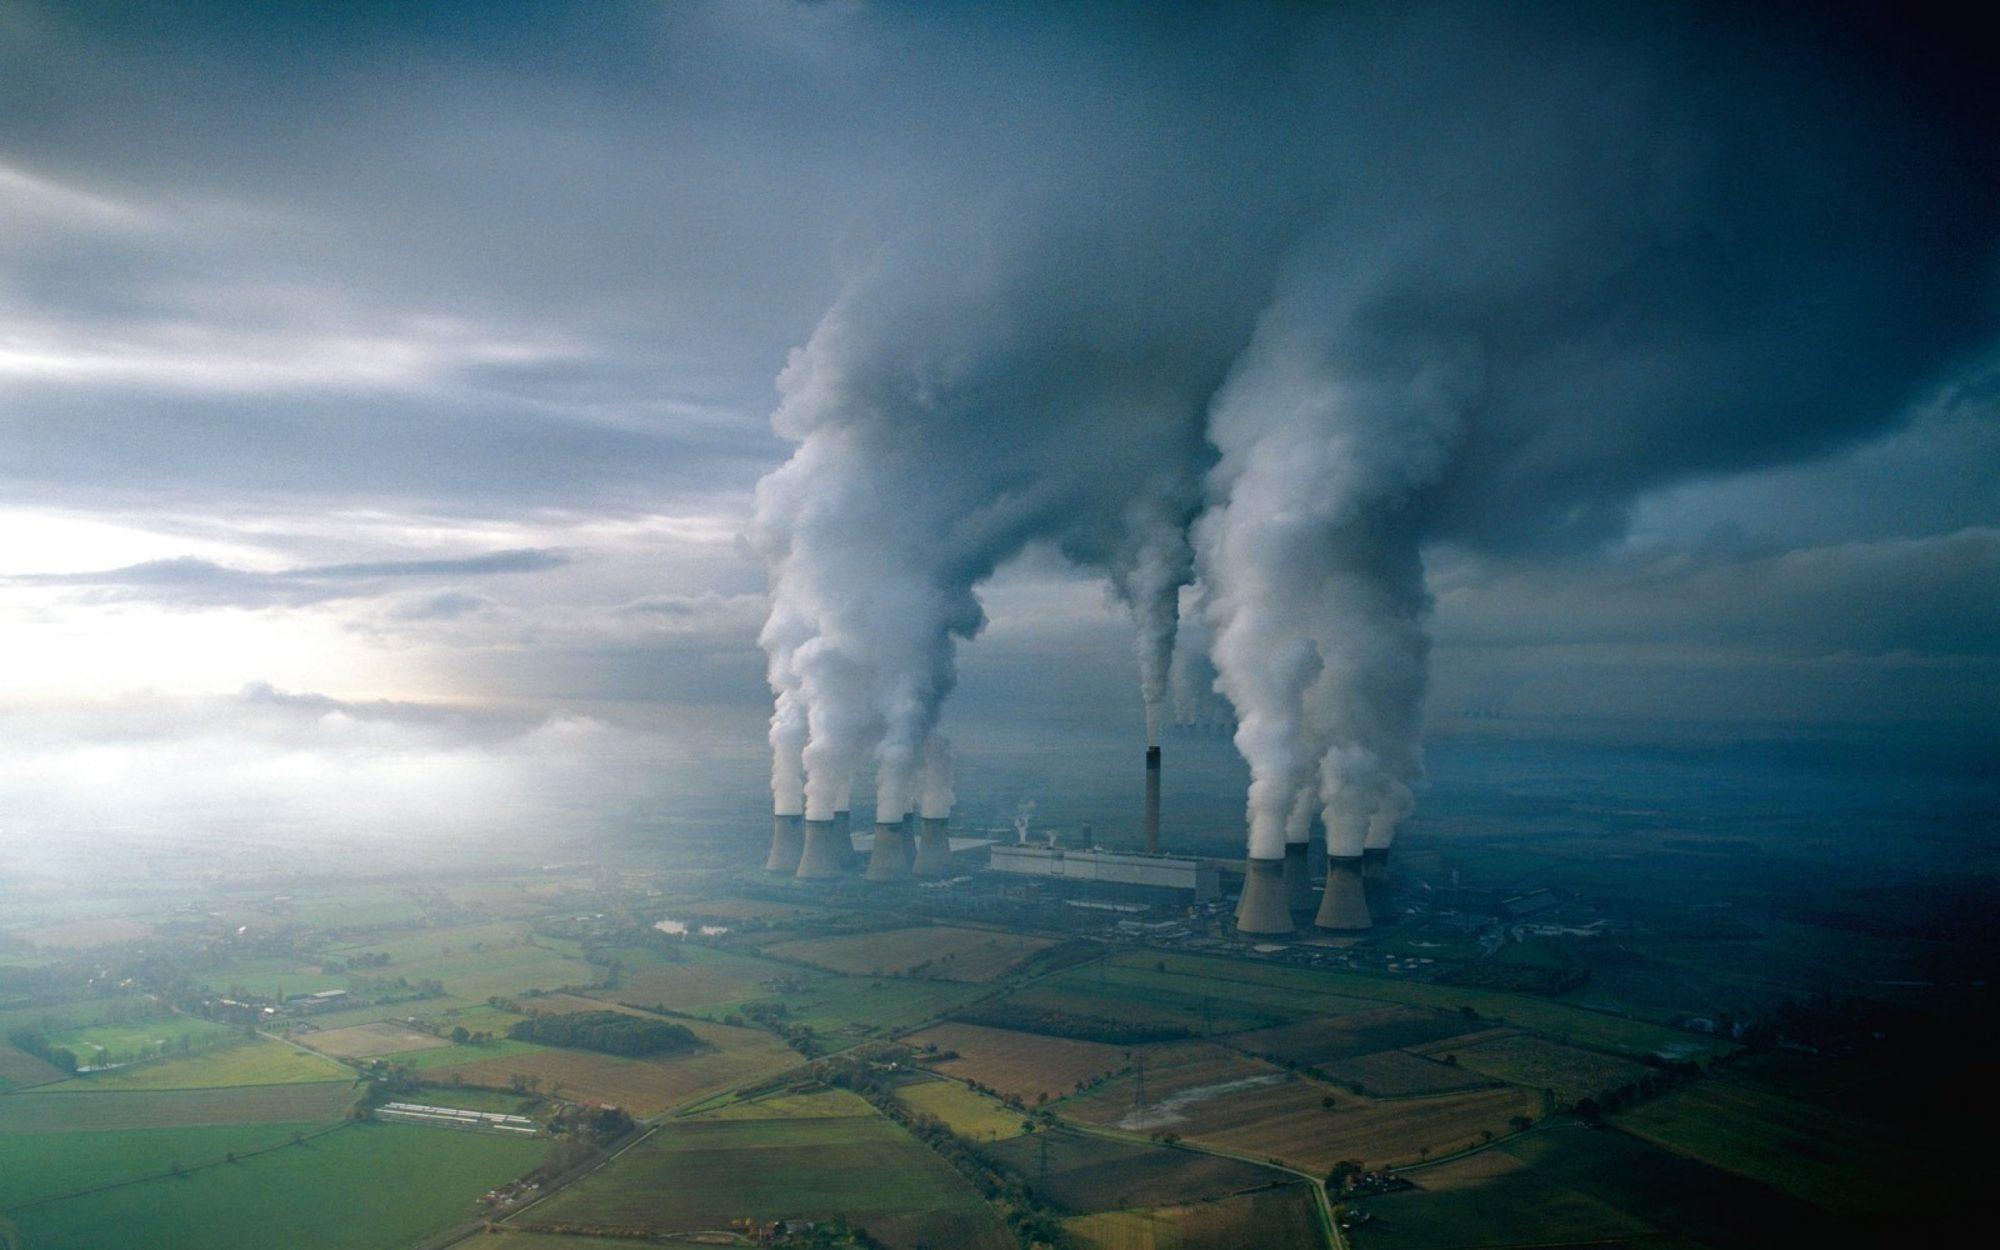 За крок до прірви: вміст CO2 в атмосфері Землі перевищив рекордну позначку - вуглекислий газ, атмосфера, CO2 - 1405 atmosfera 2000x1250